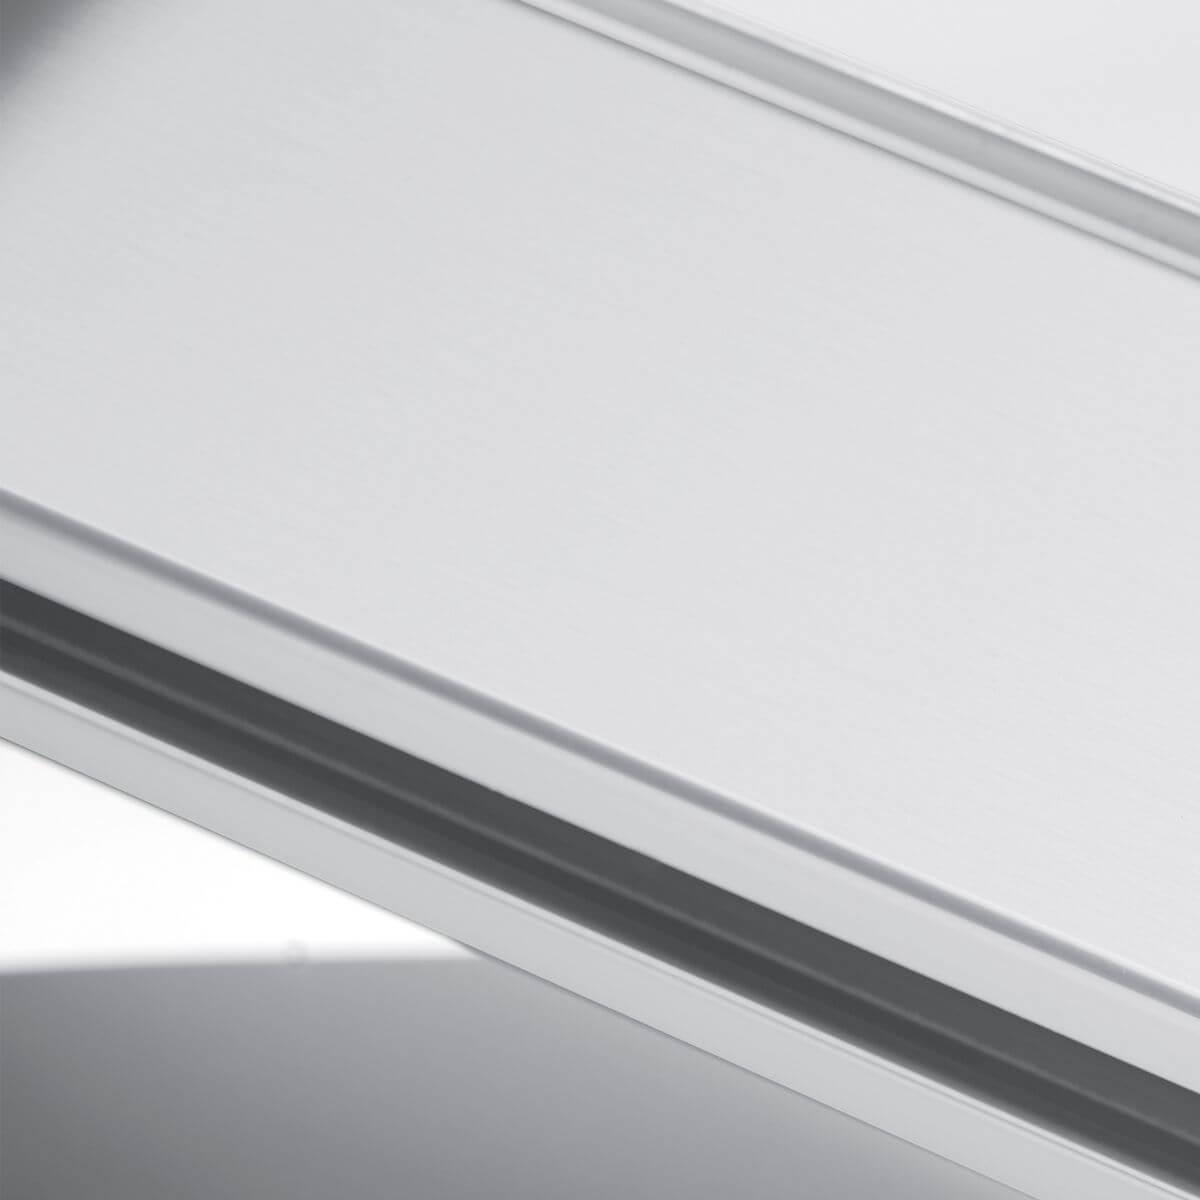 Finitura alluminio bianco ral 9010 per parete in vetro